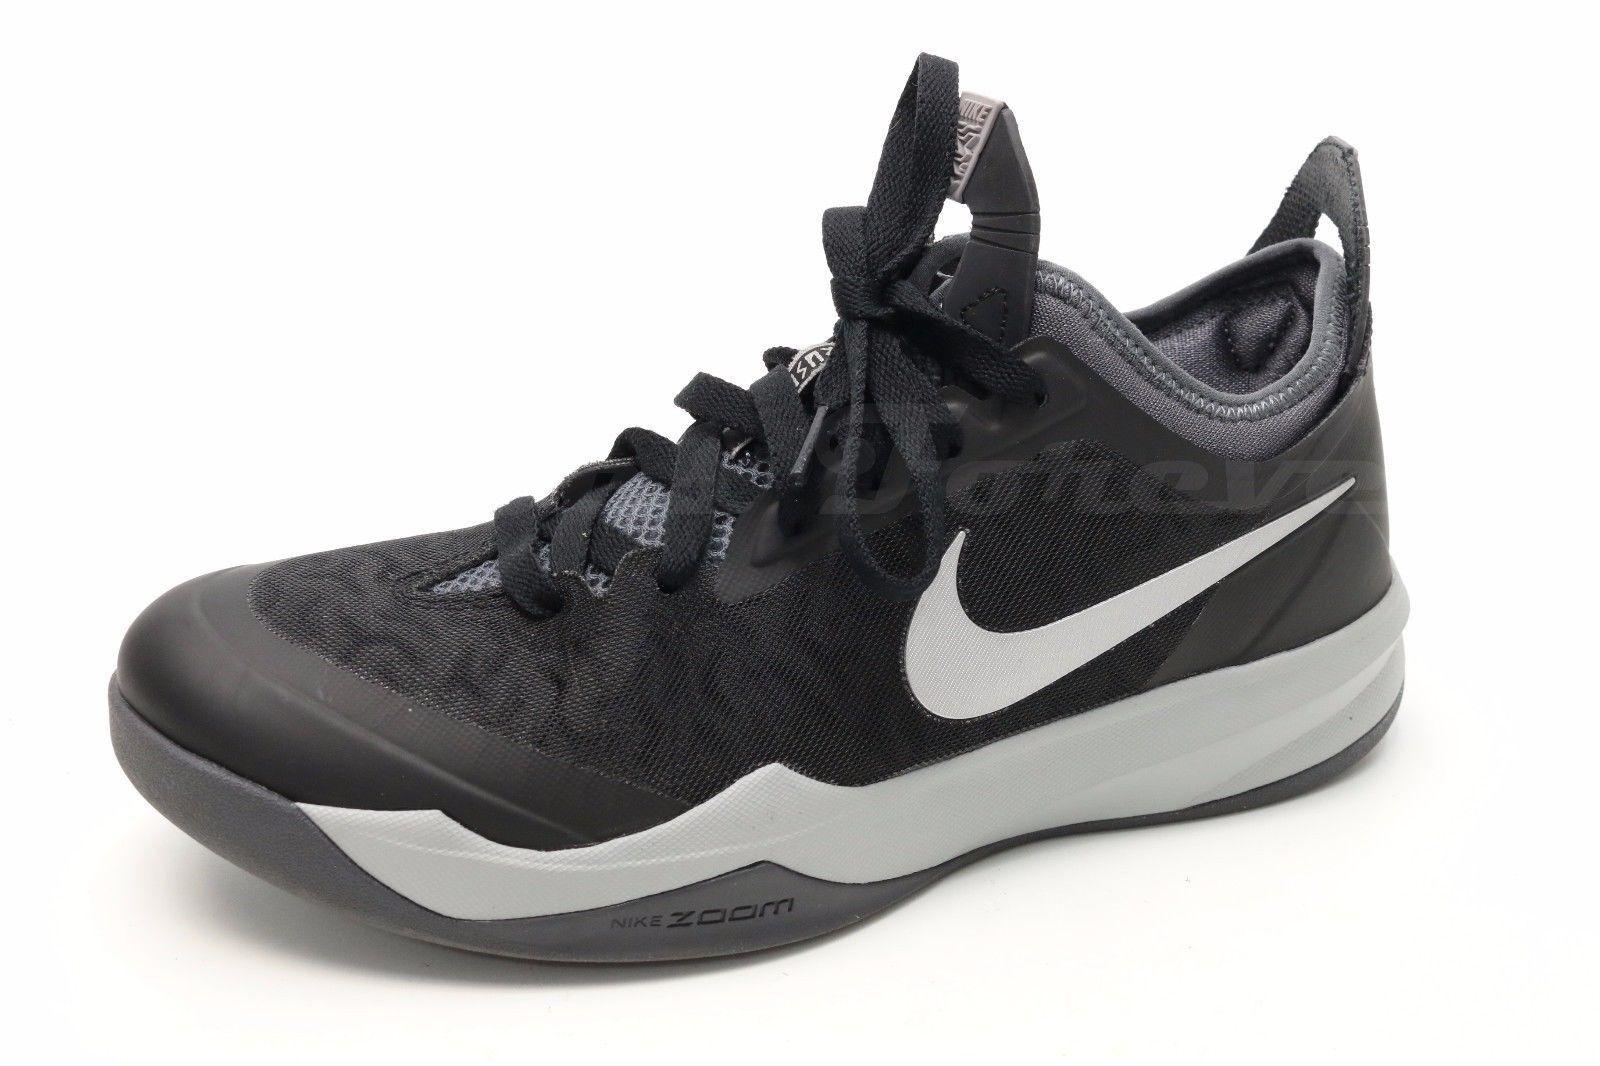 Mens NIKE CRUSADER Black Fabric Running Sneakers Sz. 7.5 US 6.5 EU